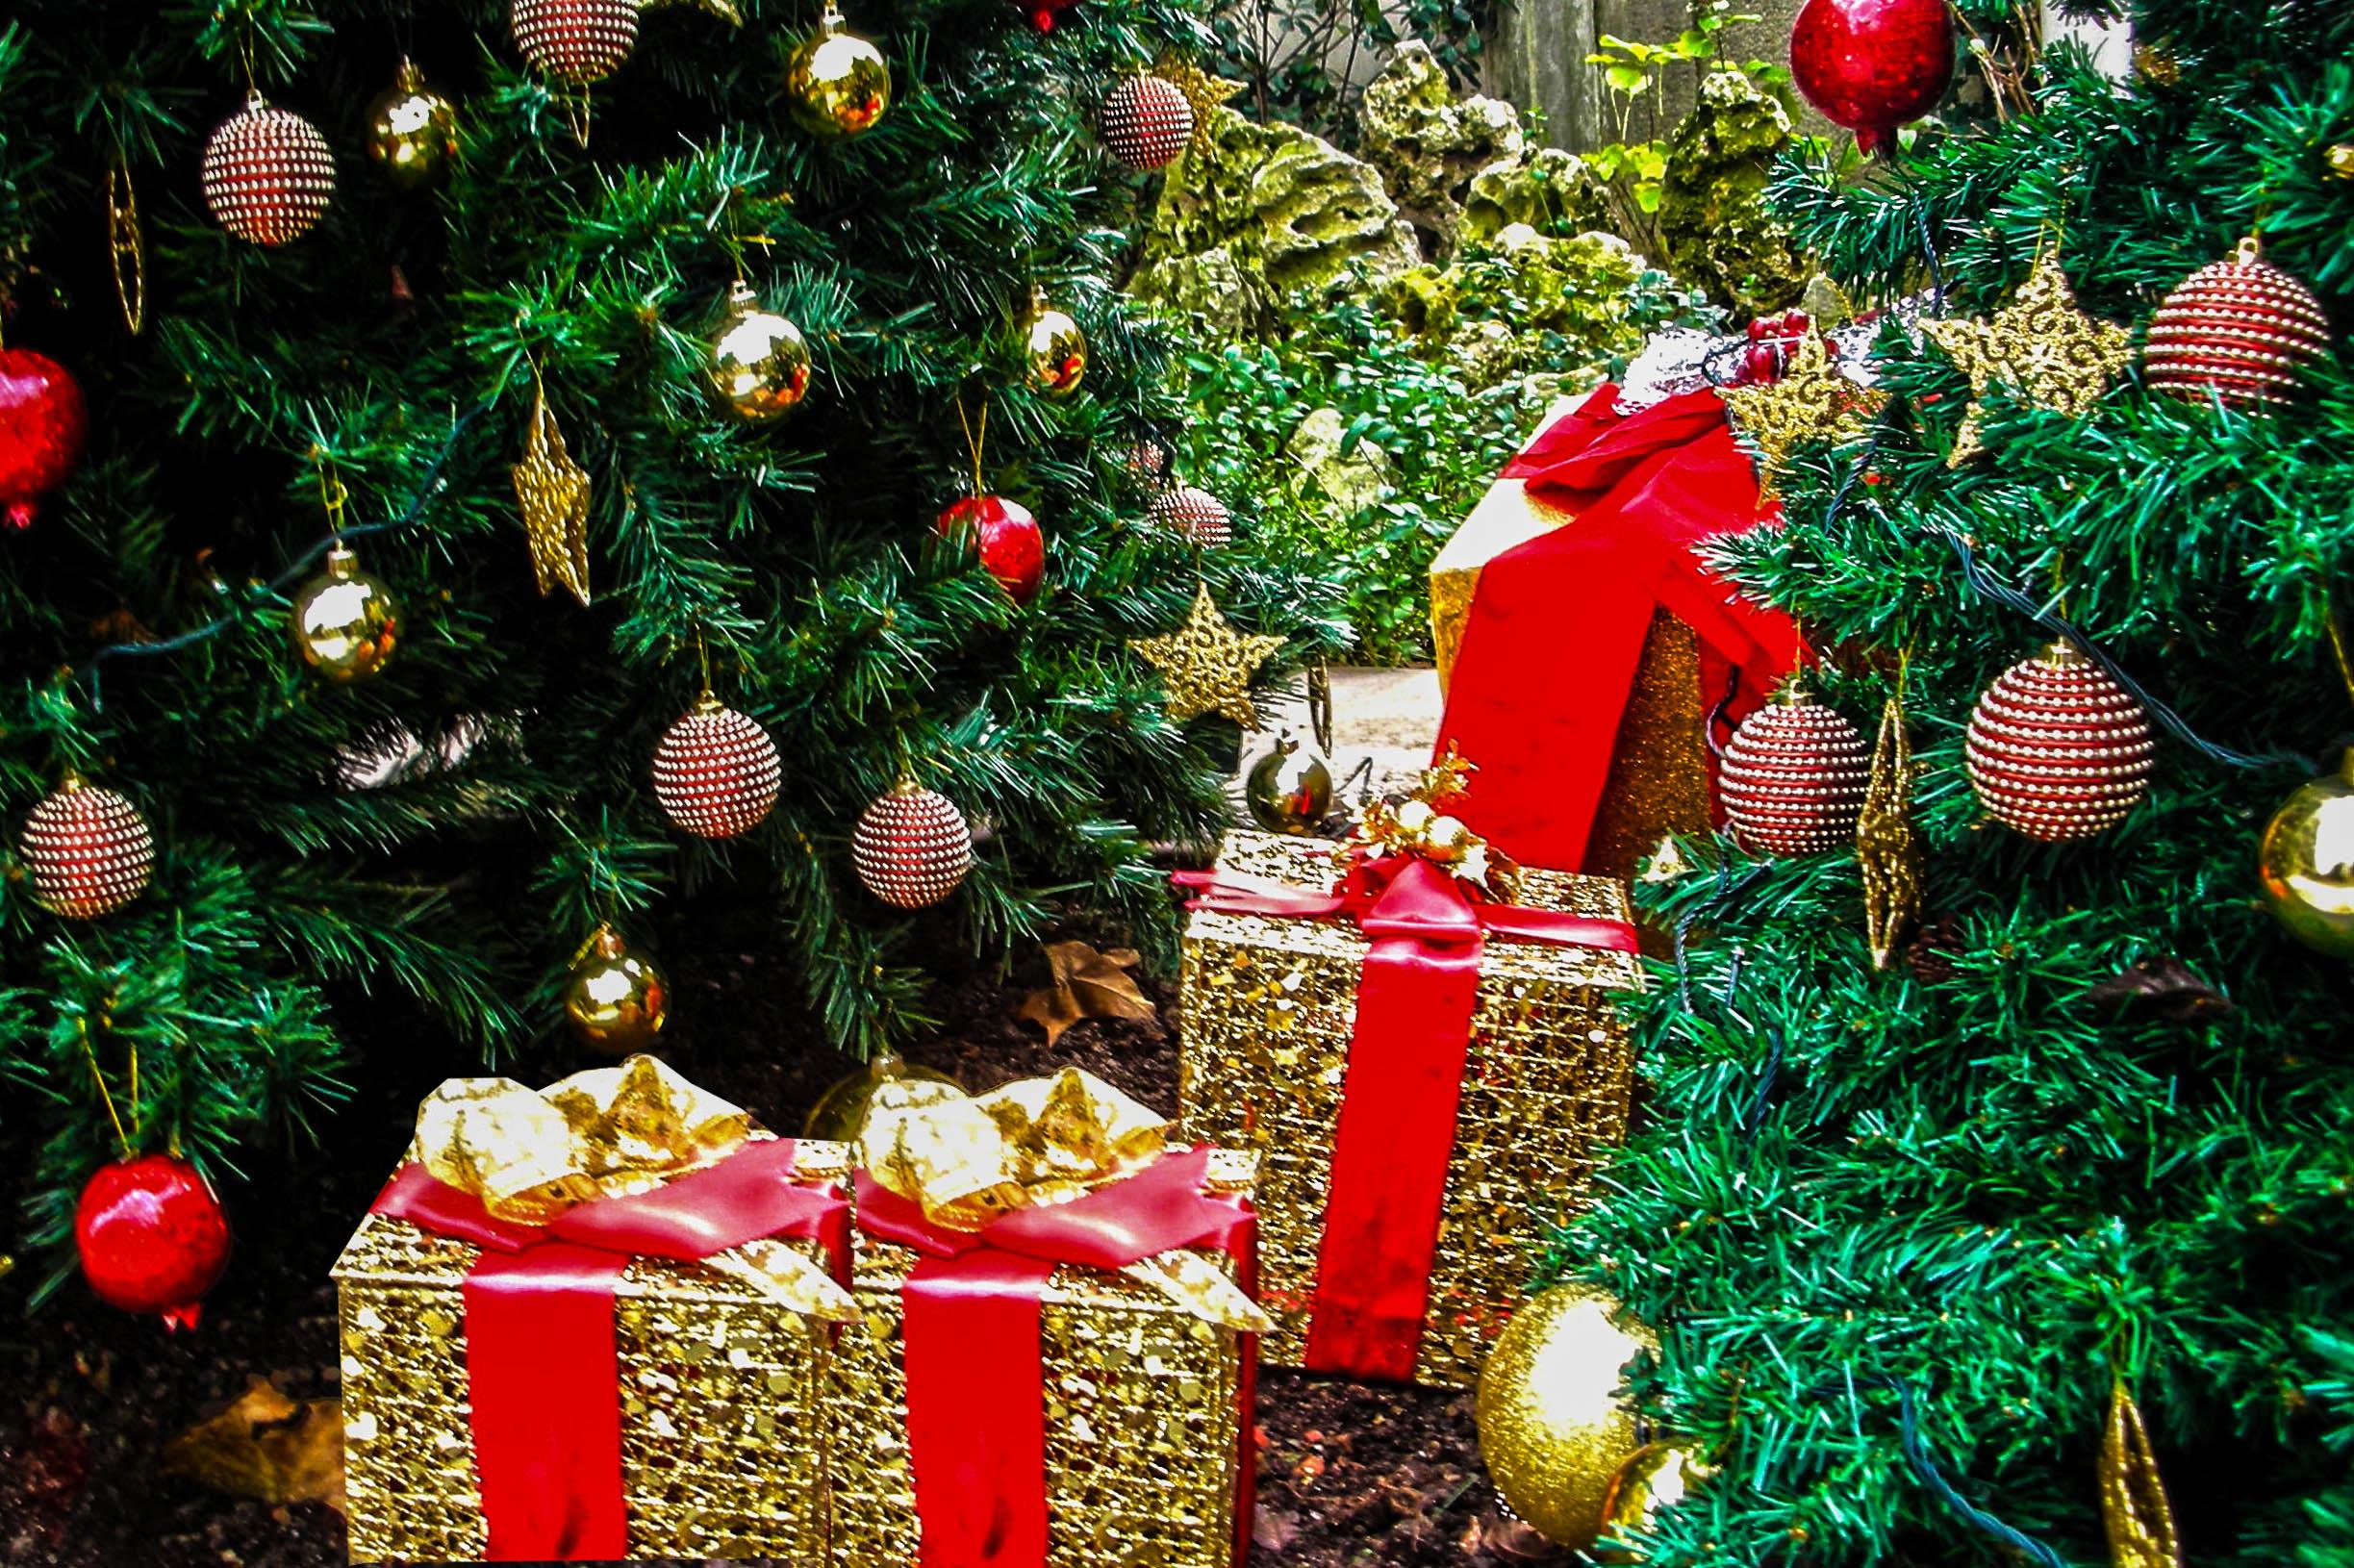 Hintergrundbilder : Kiefer, Box, Istanbul, Neujahr, Weihnachtsbaum ...